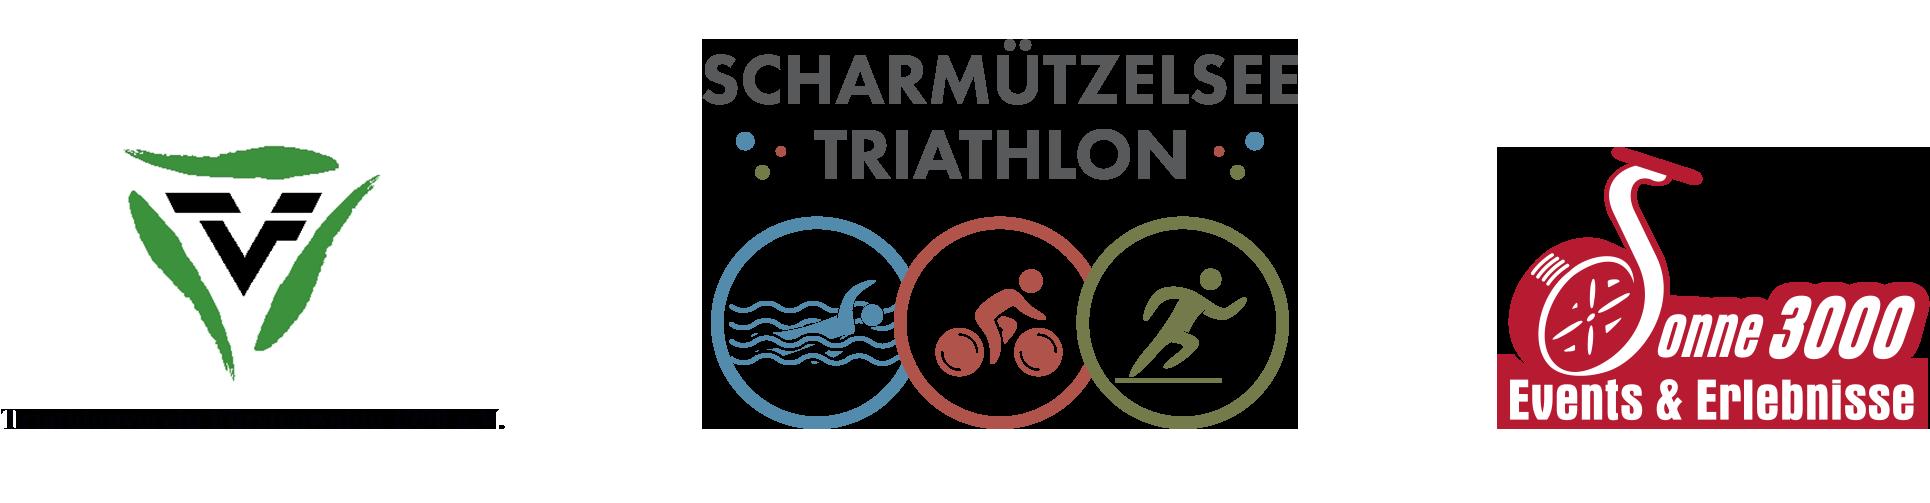 Scharmützelsee Triathlon